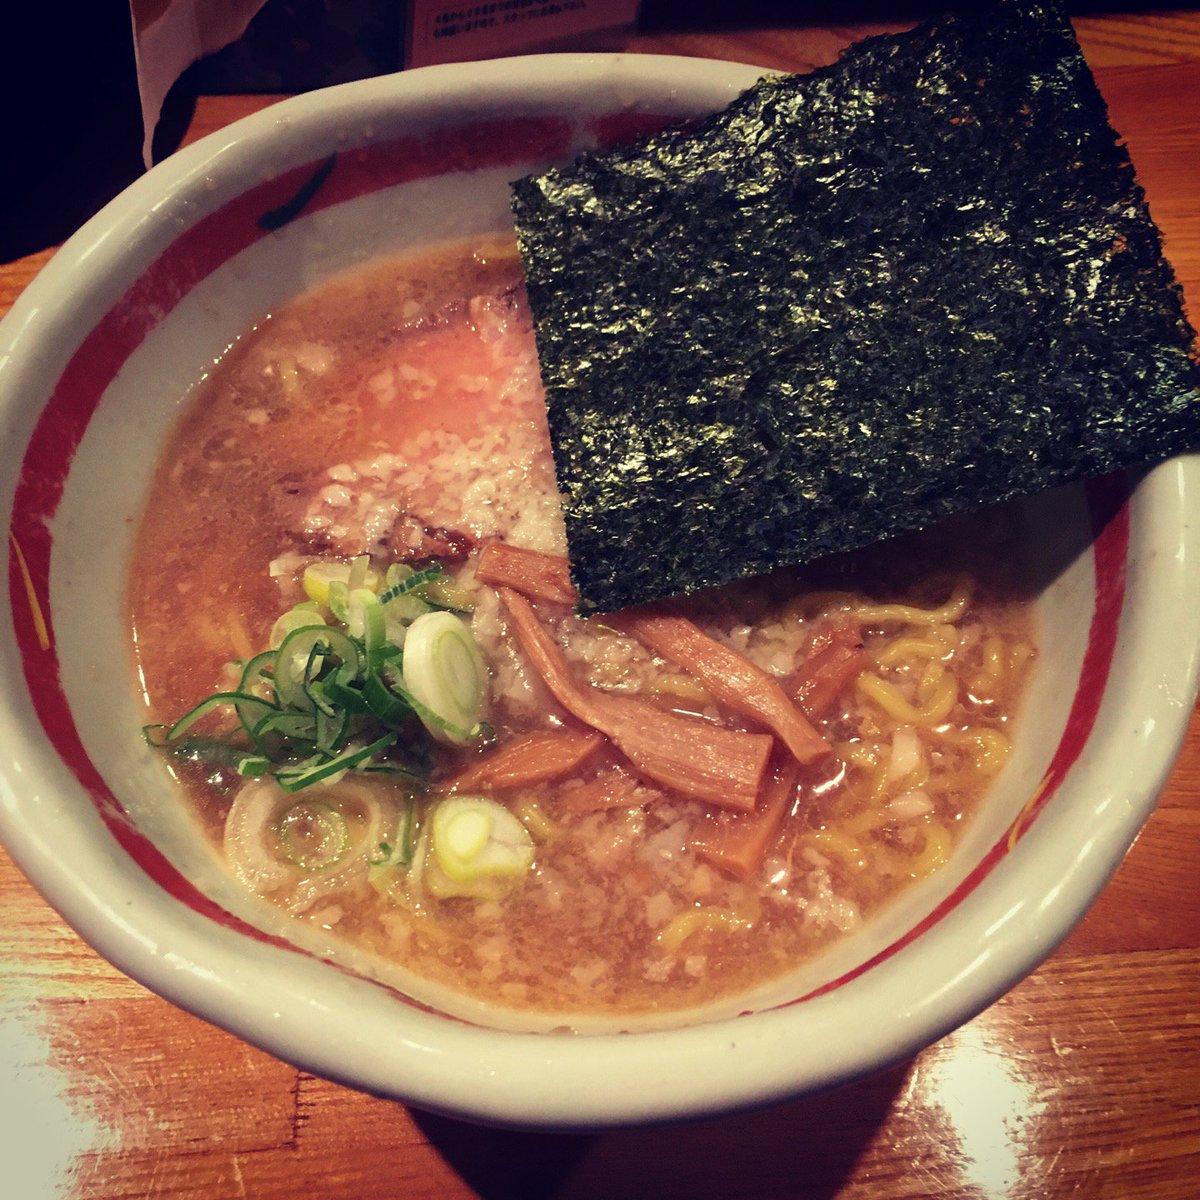 何故か佐蔵が18時過ぎてもオープンしなかったので、近くのるるもへ。 (@ らーめん るるも in 長野市, 長野県)